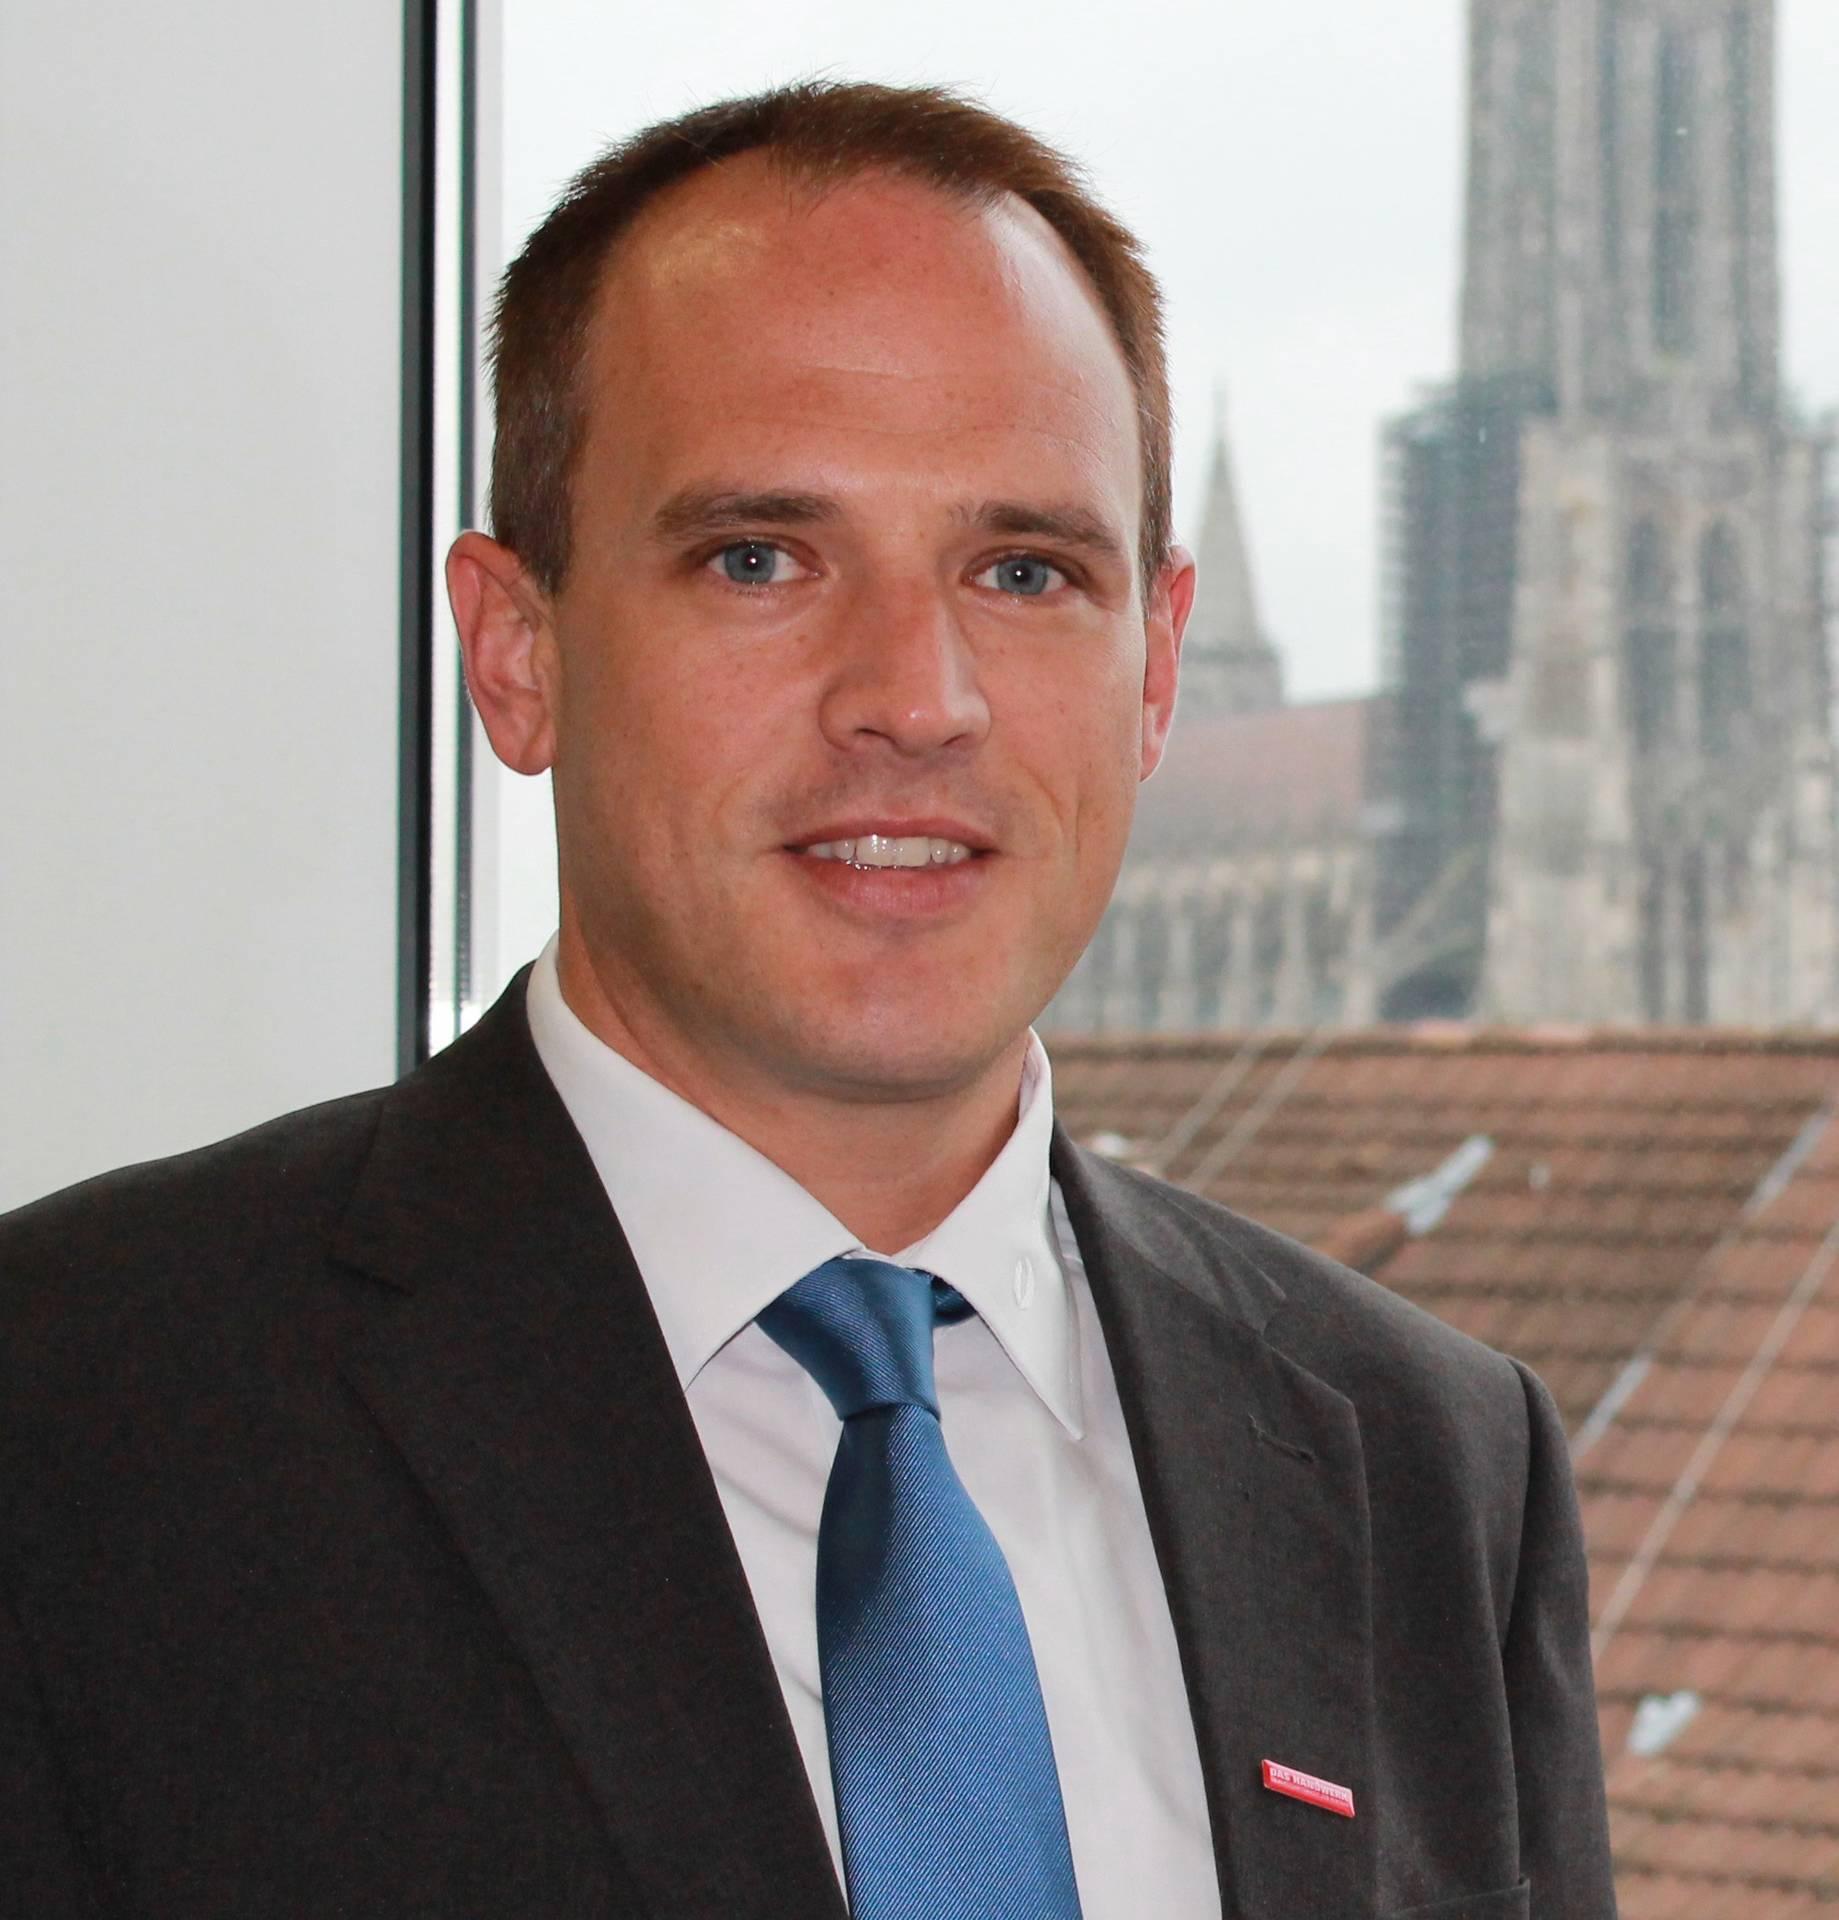 Thomas Gottschalk, Leiter des Zentrums für Betriebsnachfolge (ZEN) der Handwerkskammer Ulm.